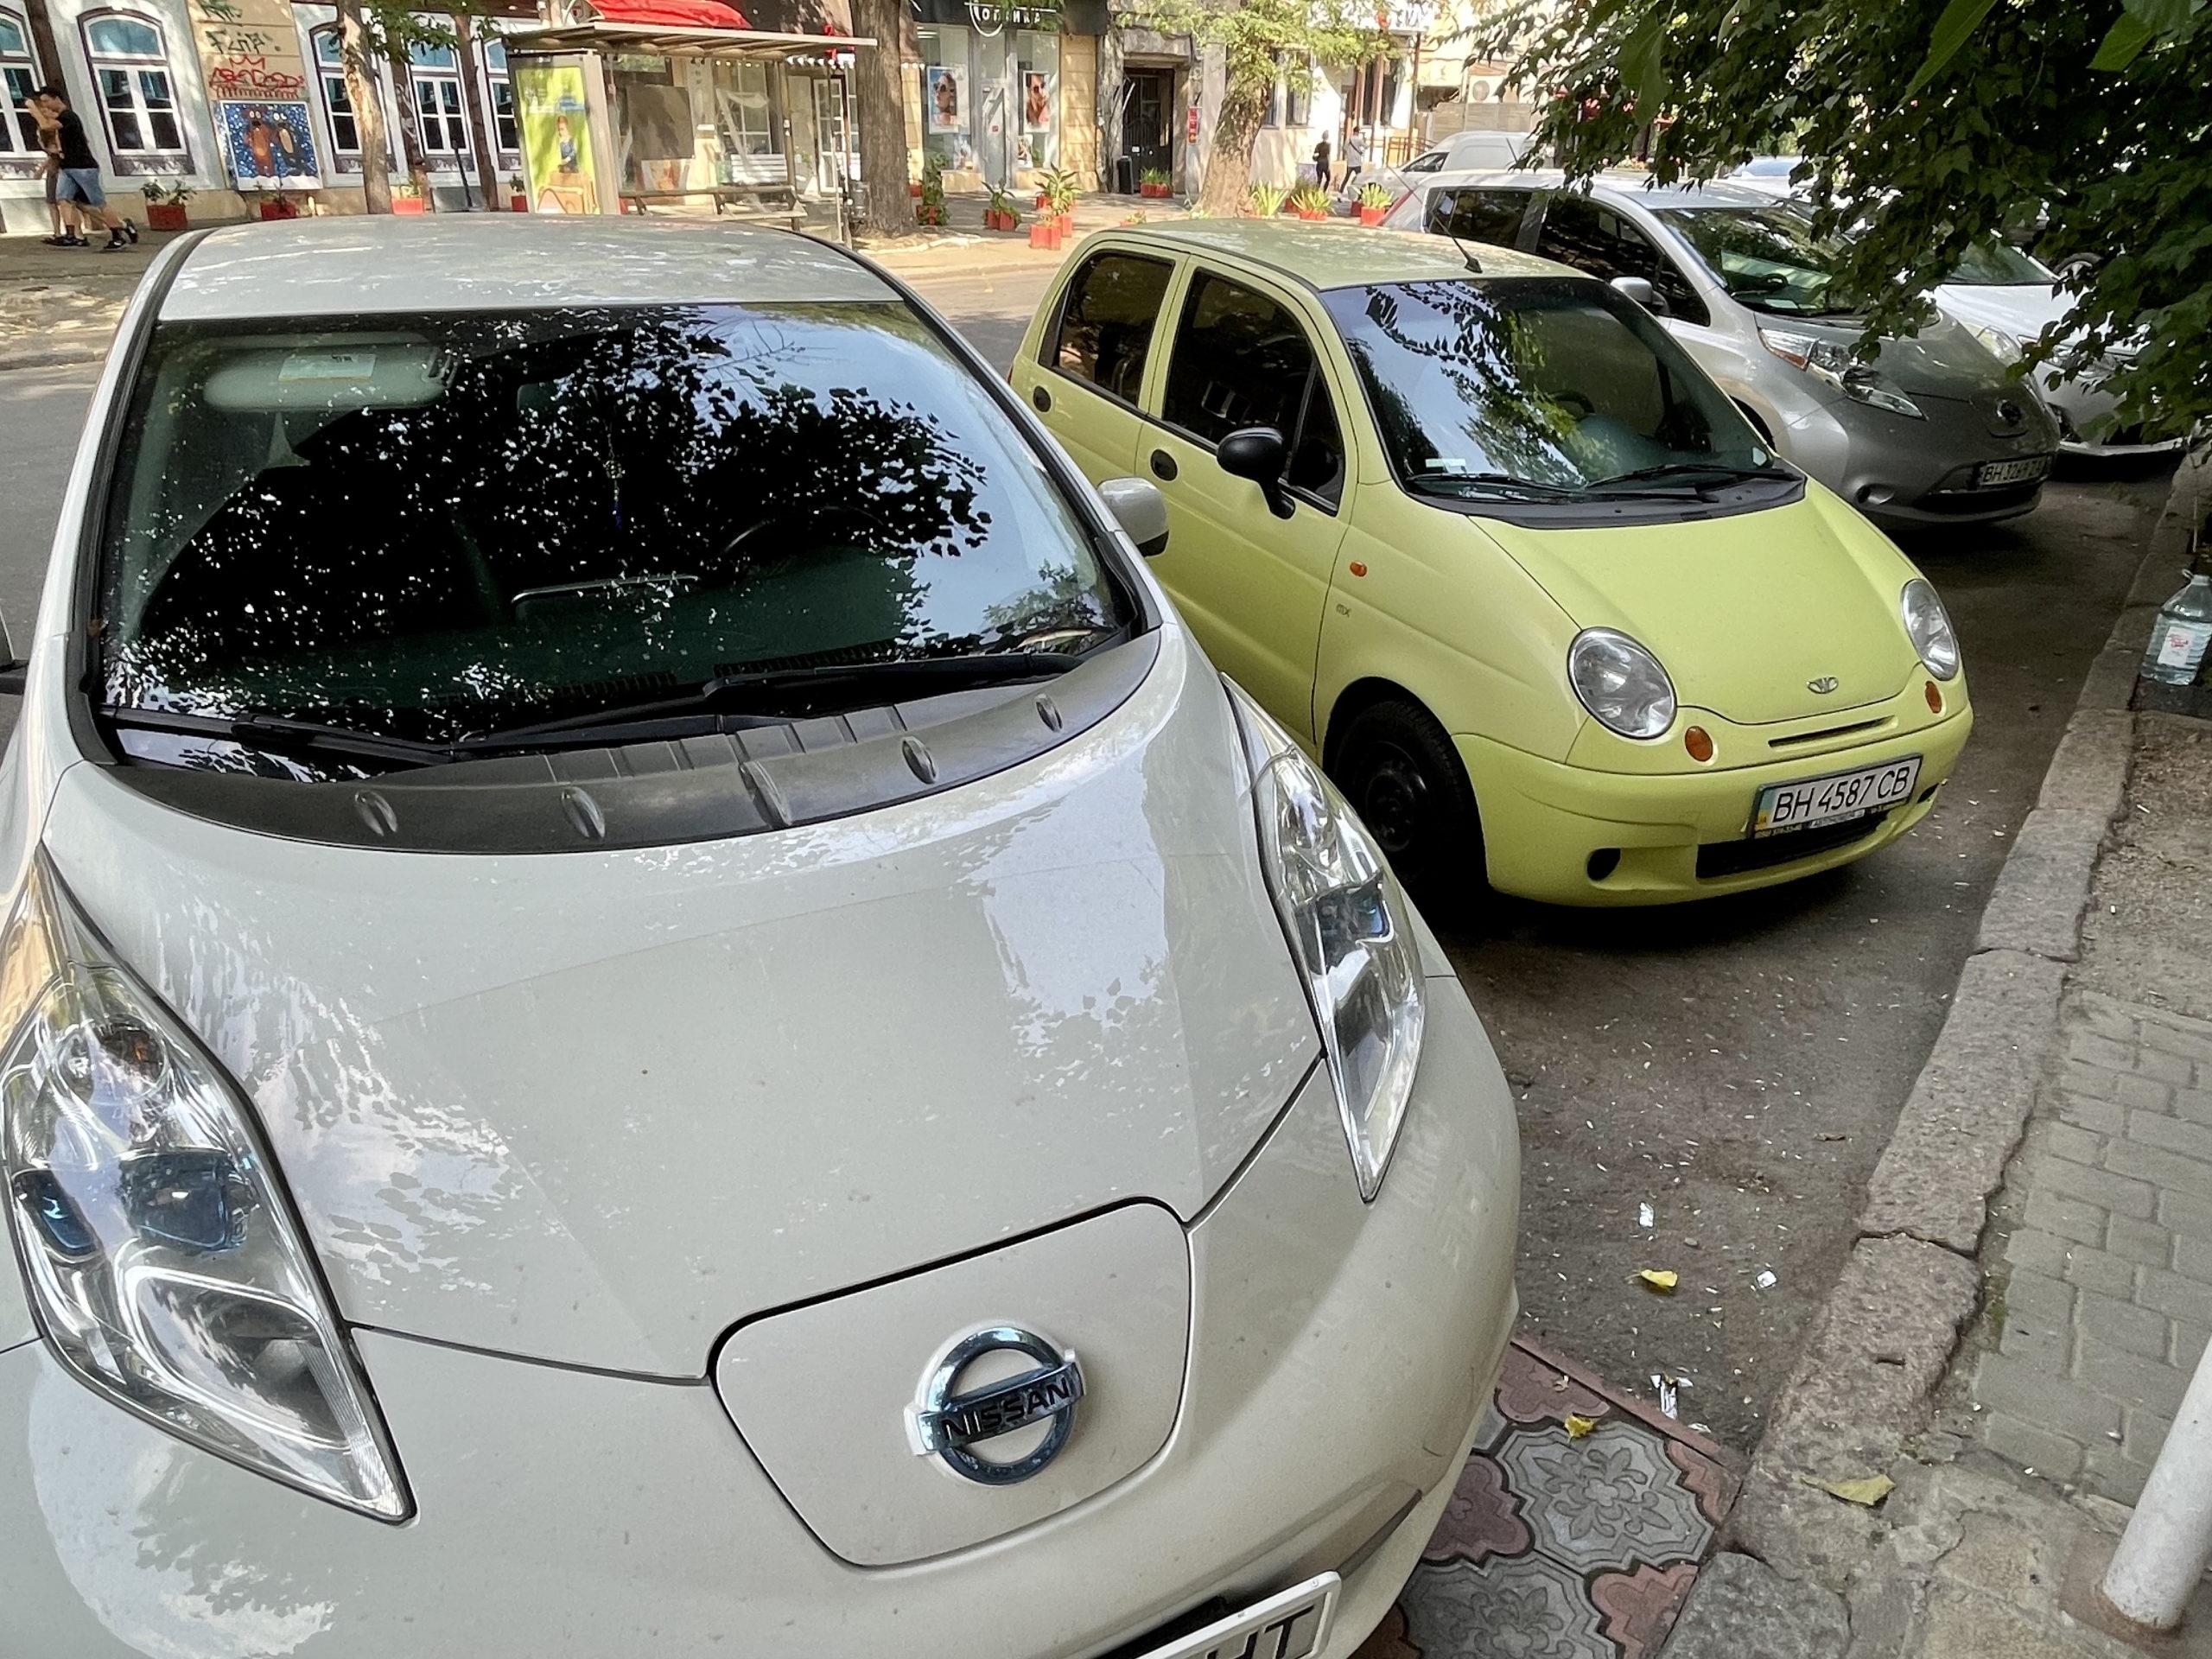 Leafy pierwszej generacji dobrze sprawdzają się w Odessie jako pojazdy Ubera